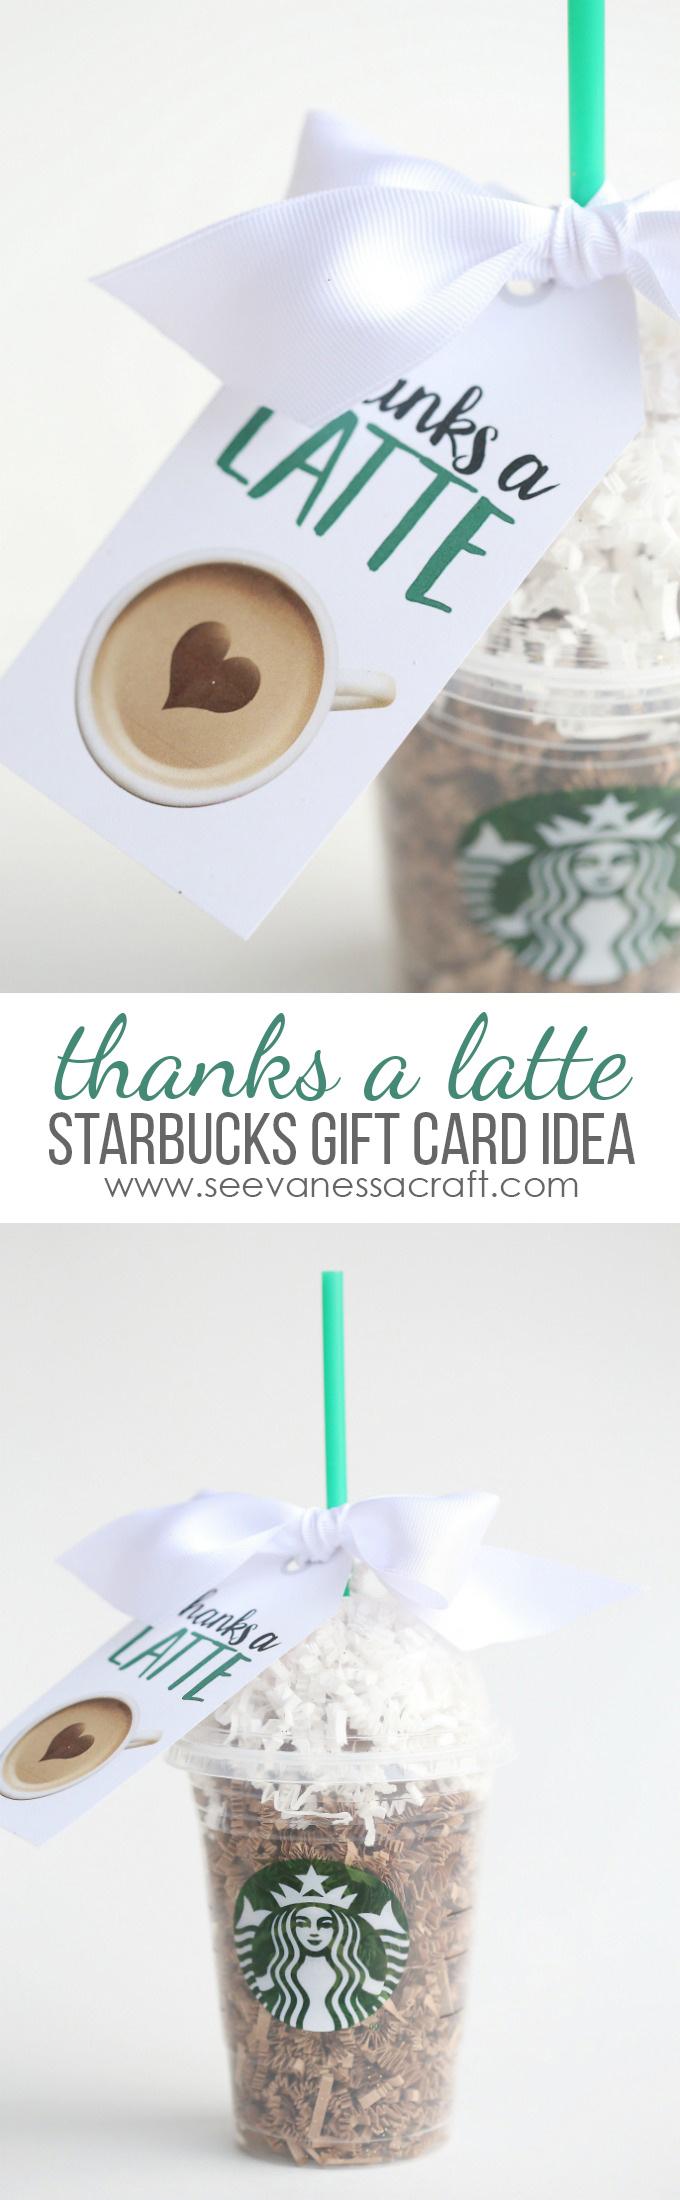 Thanks A Latte Starbucks Teacher Gift Idea - Thanks A Latte Free Printable Tag